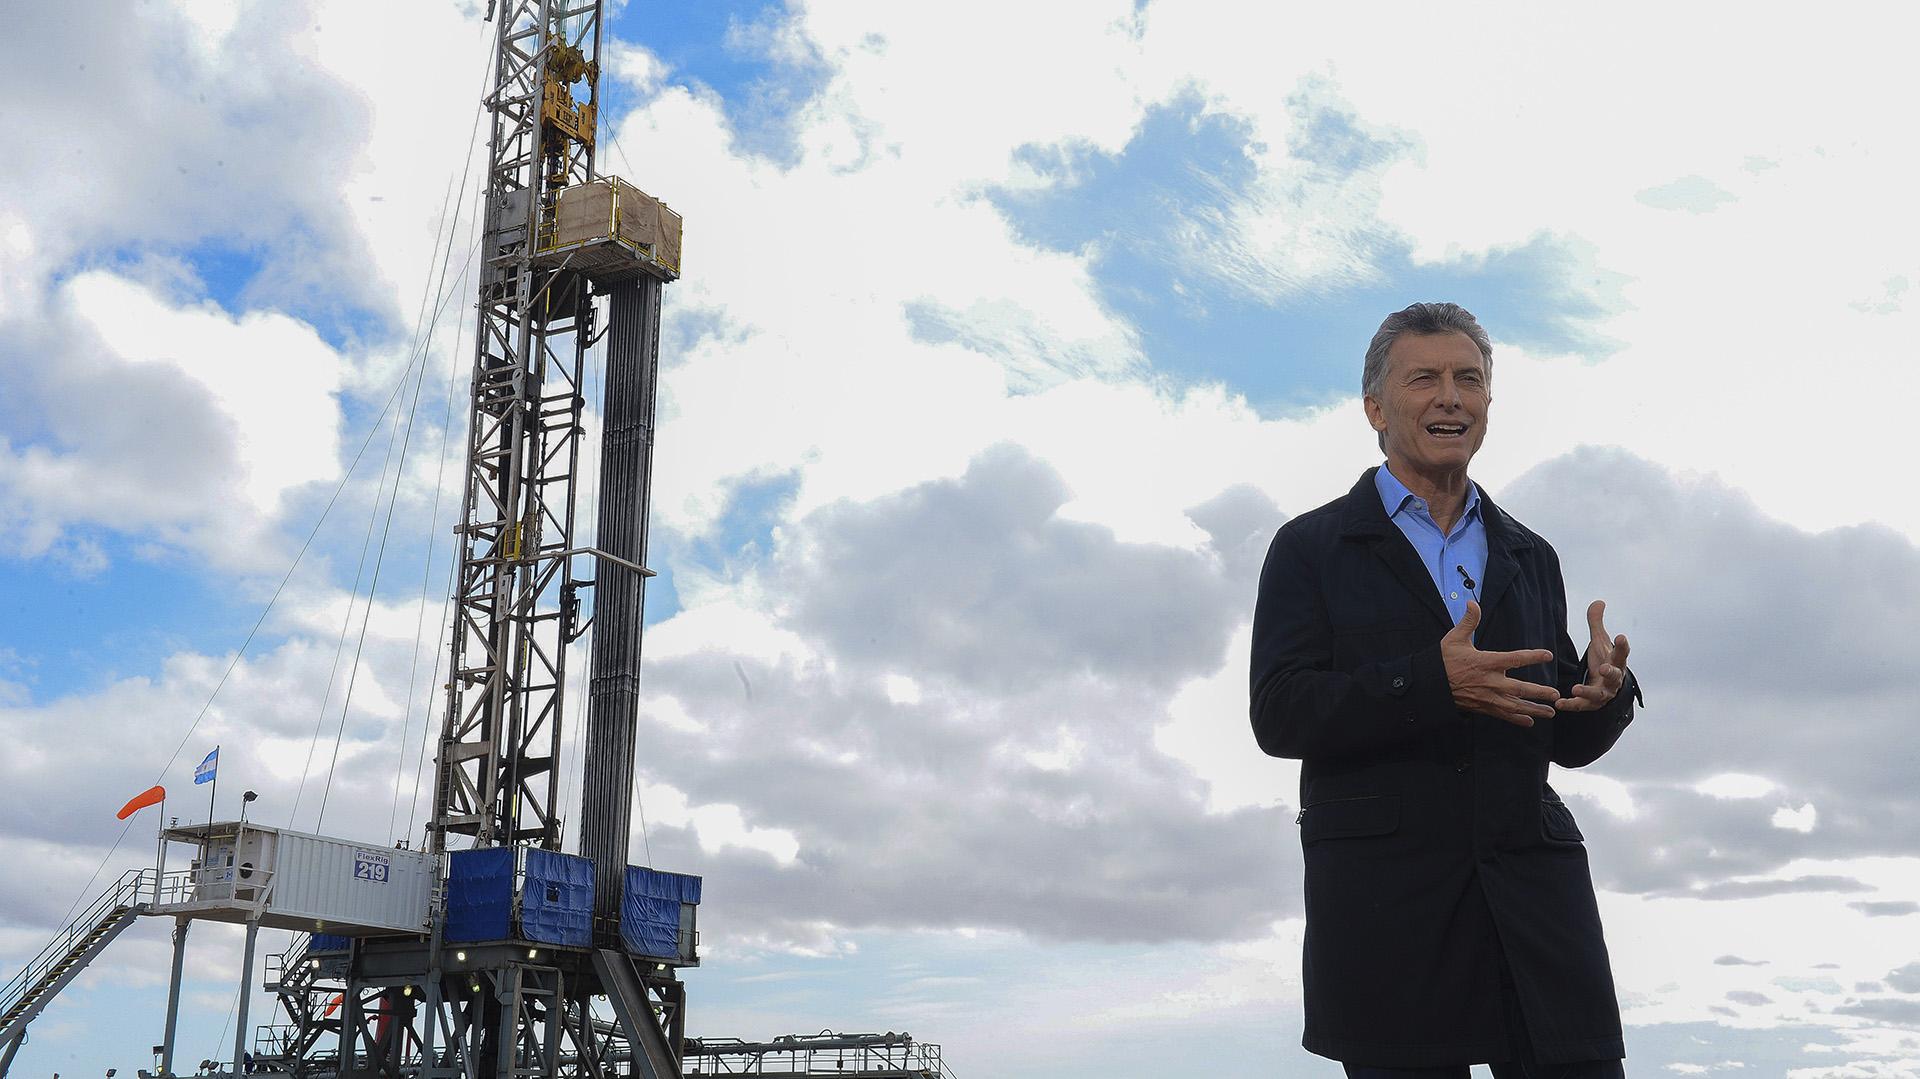 El presidente Mauricio Macri habló ayer desde Vaca Muerta. Fue un mensaje grabado (NA)